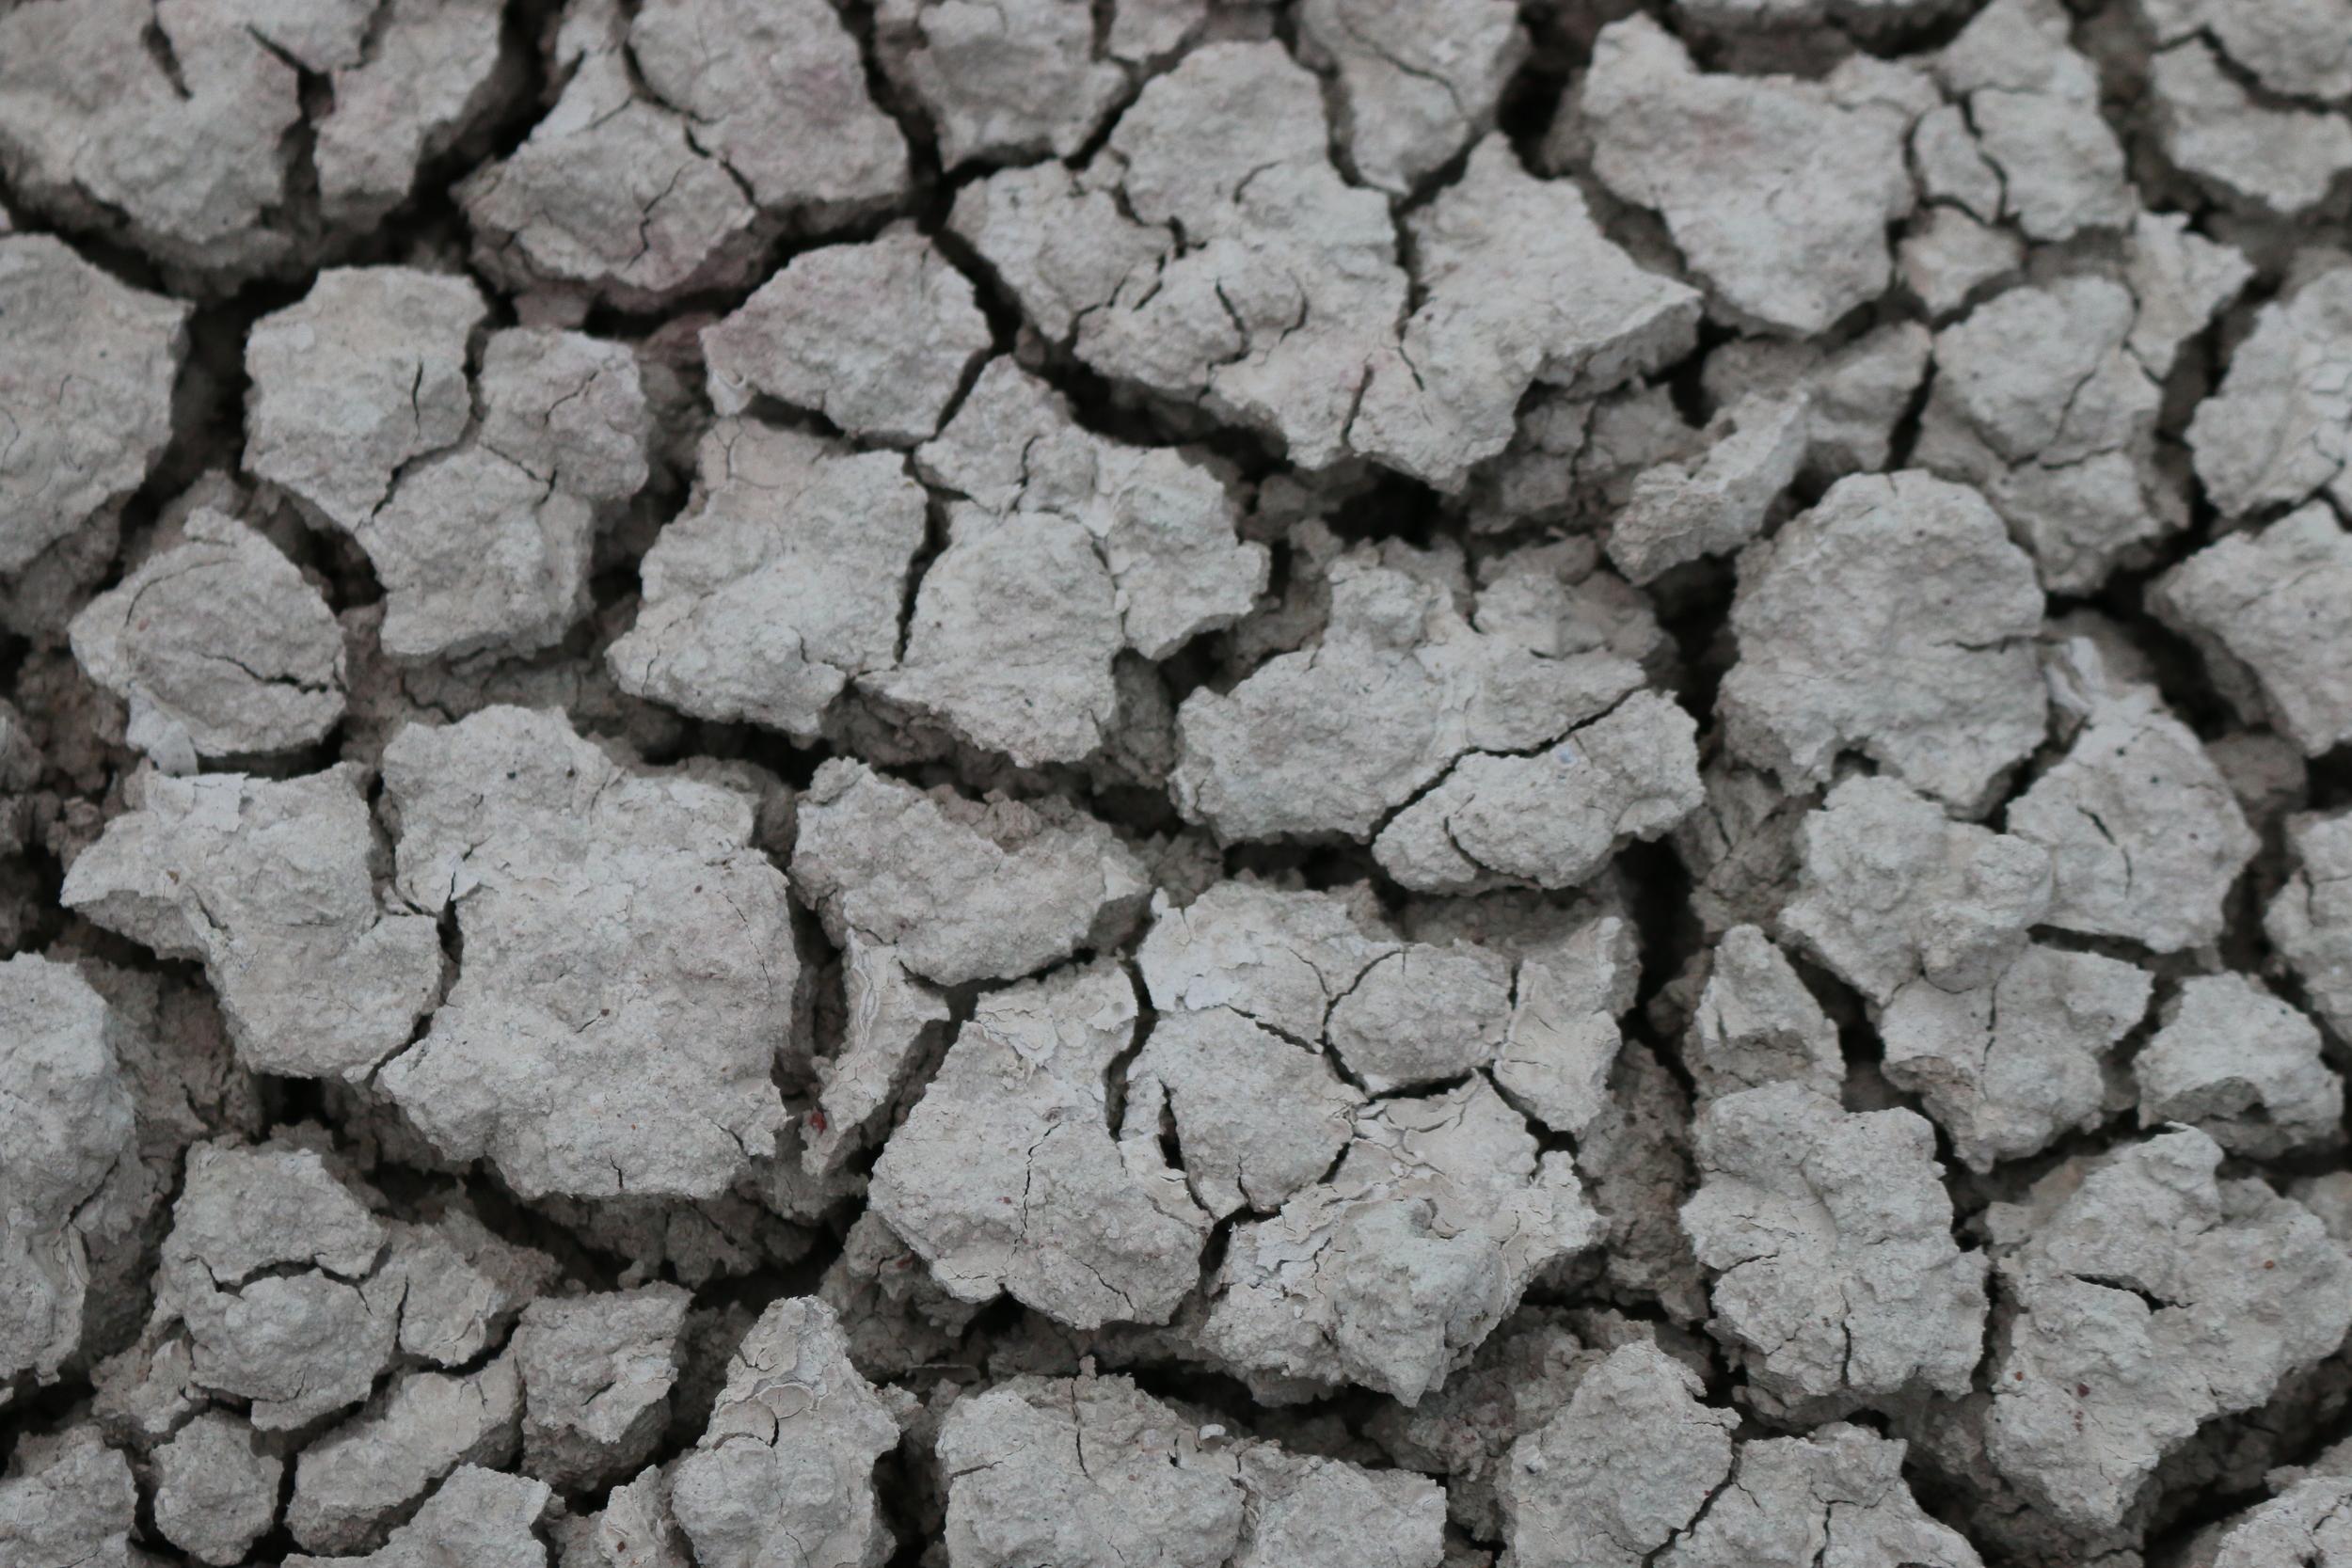 Popcorn soil, Badlands National Park, SD.